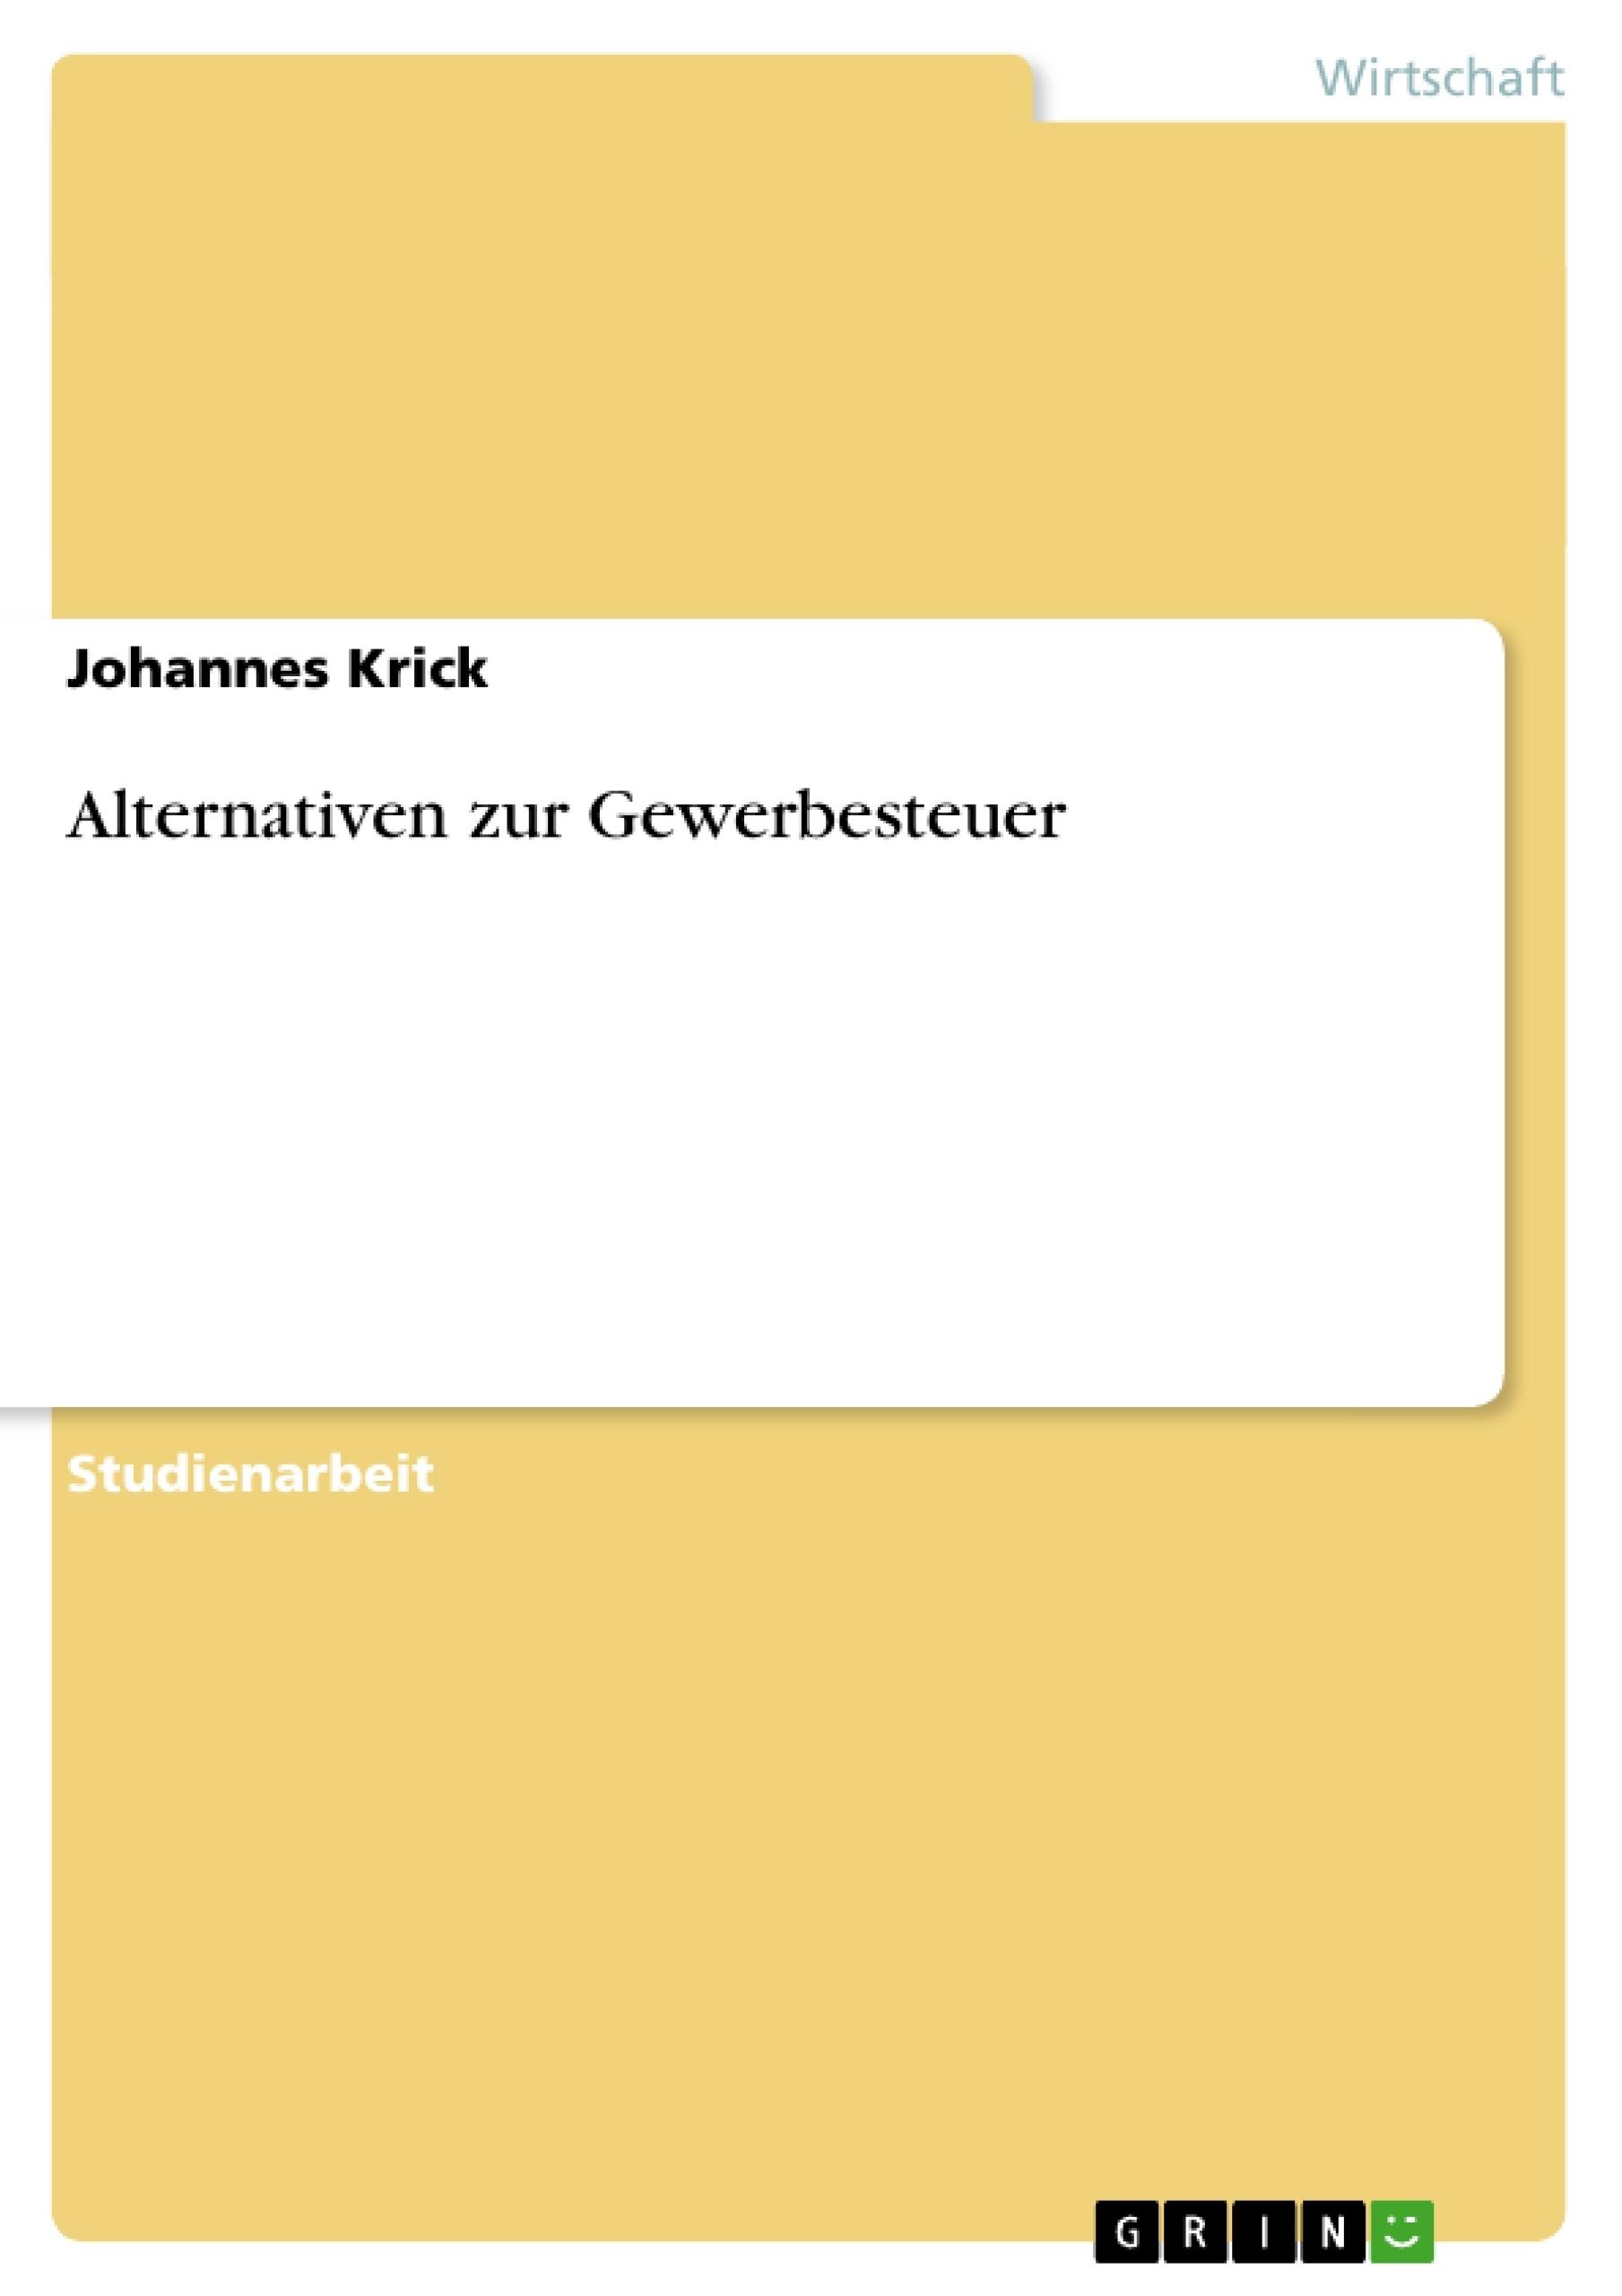 Titel: Alternativen zur Gewerbesteuer